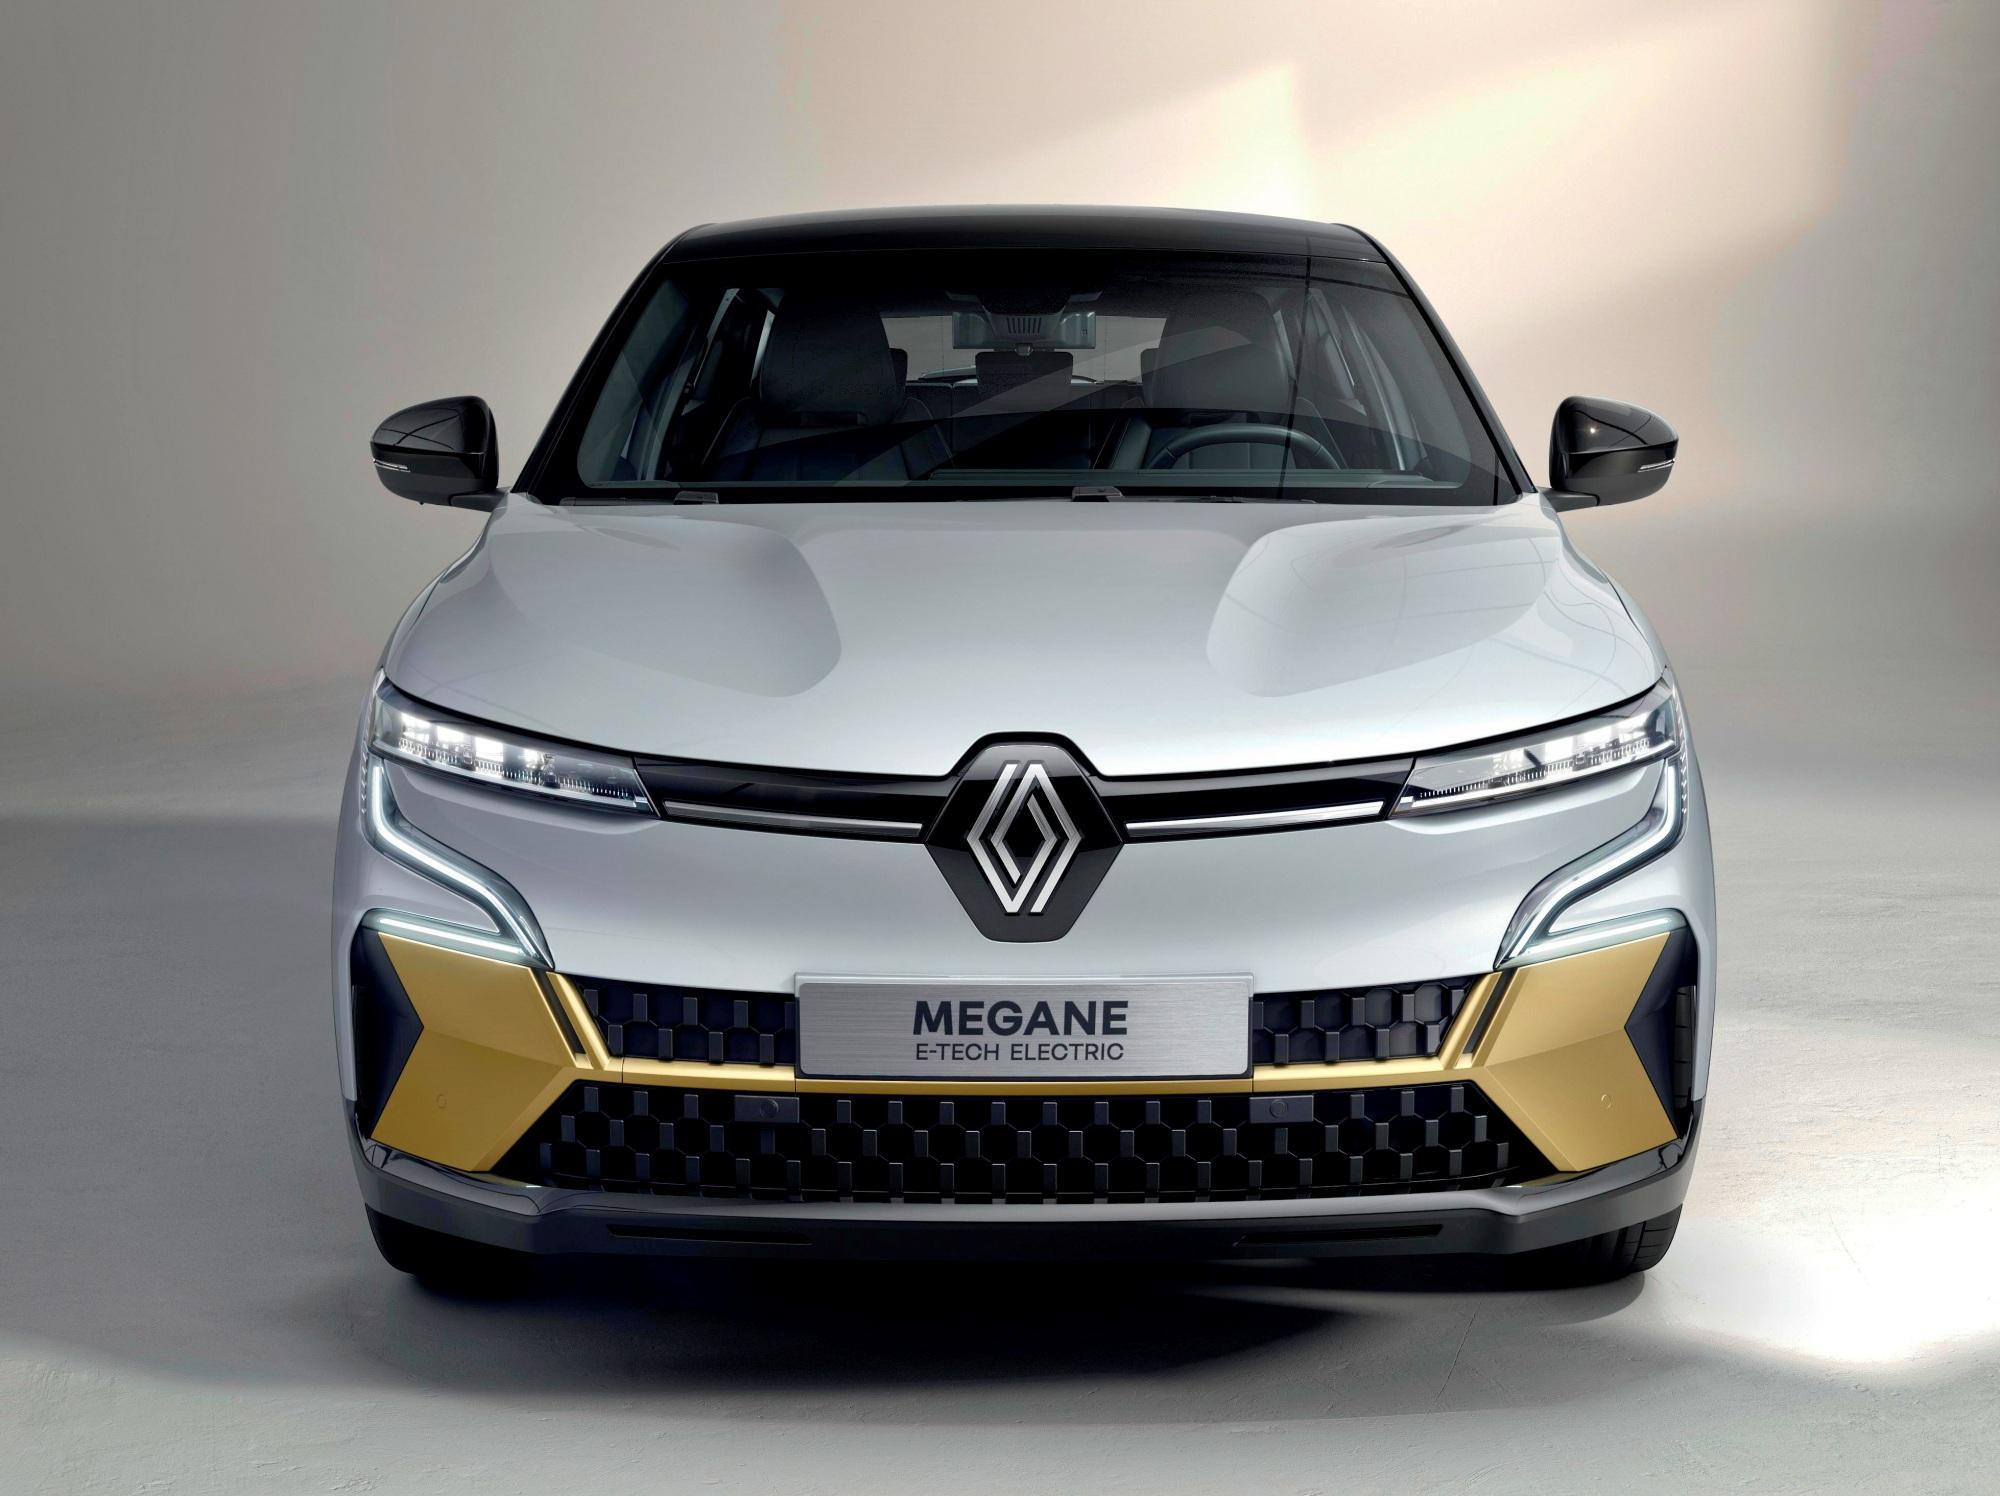 Renault Mgane E-TECH Electric przód